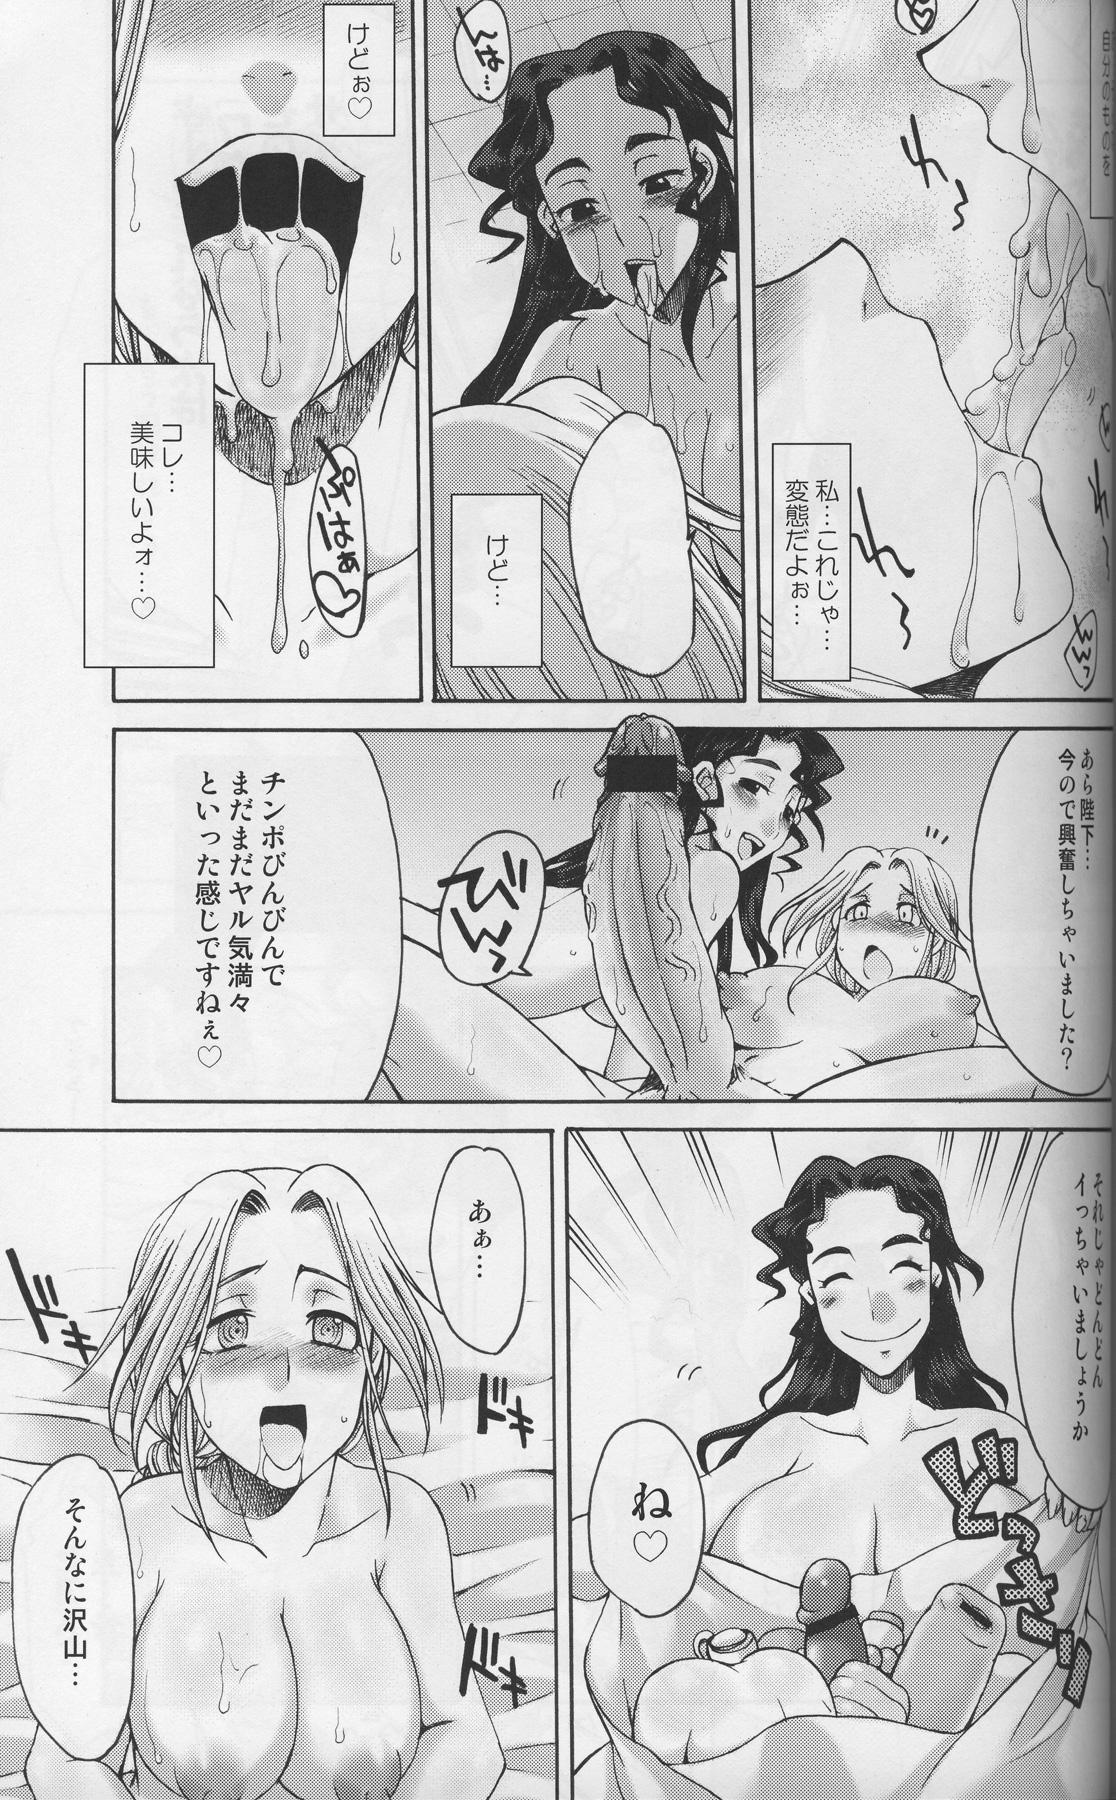 Komakasugite Tsutawaranai Ero Doujin Senshuken Haru no Nijikan SPECIAL 56